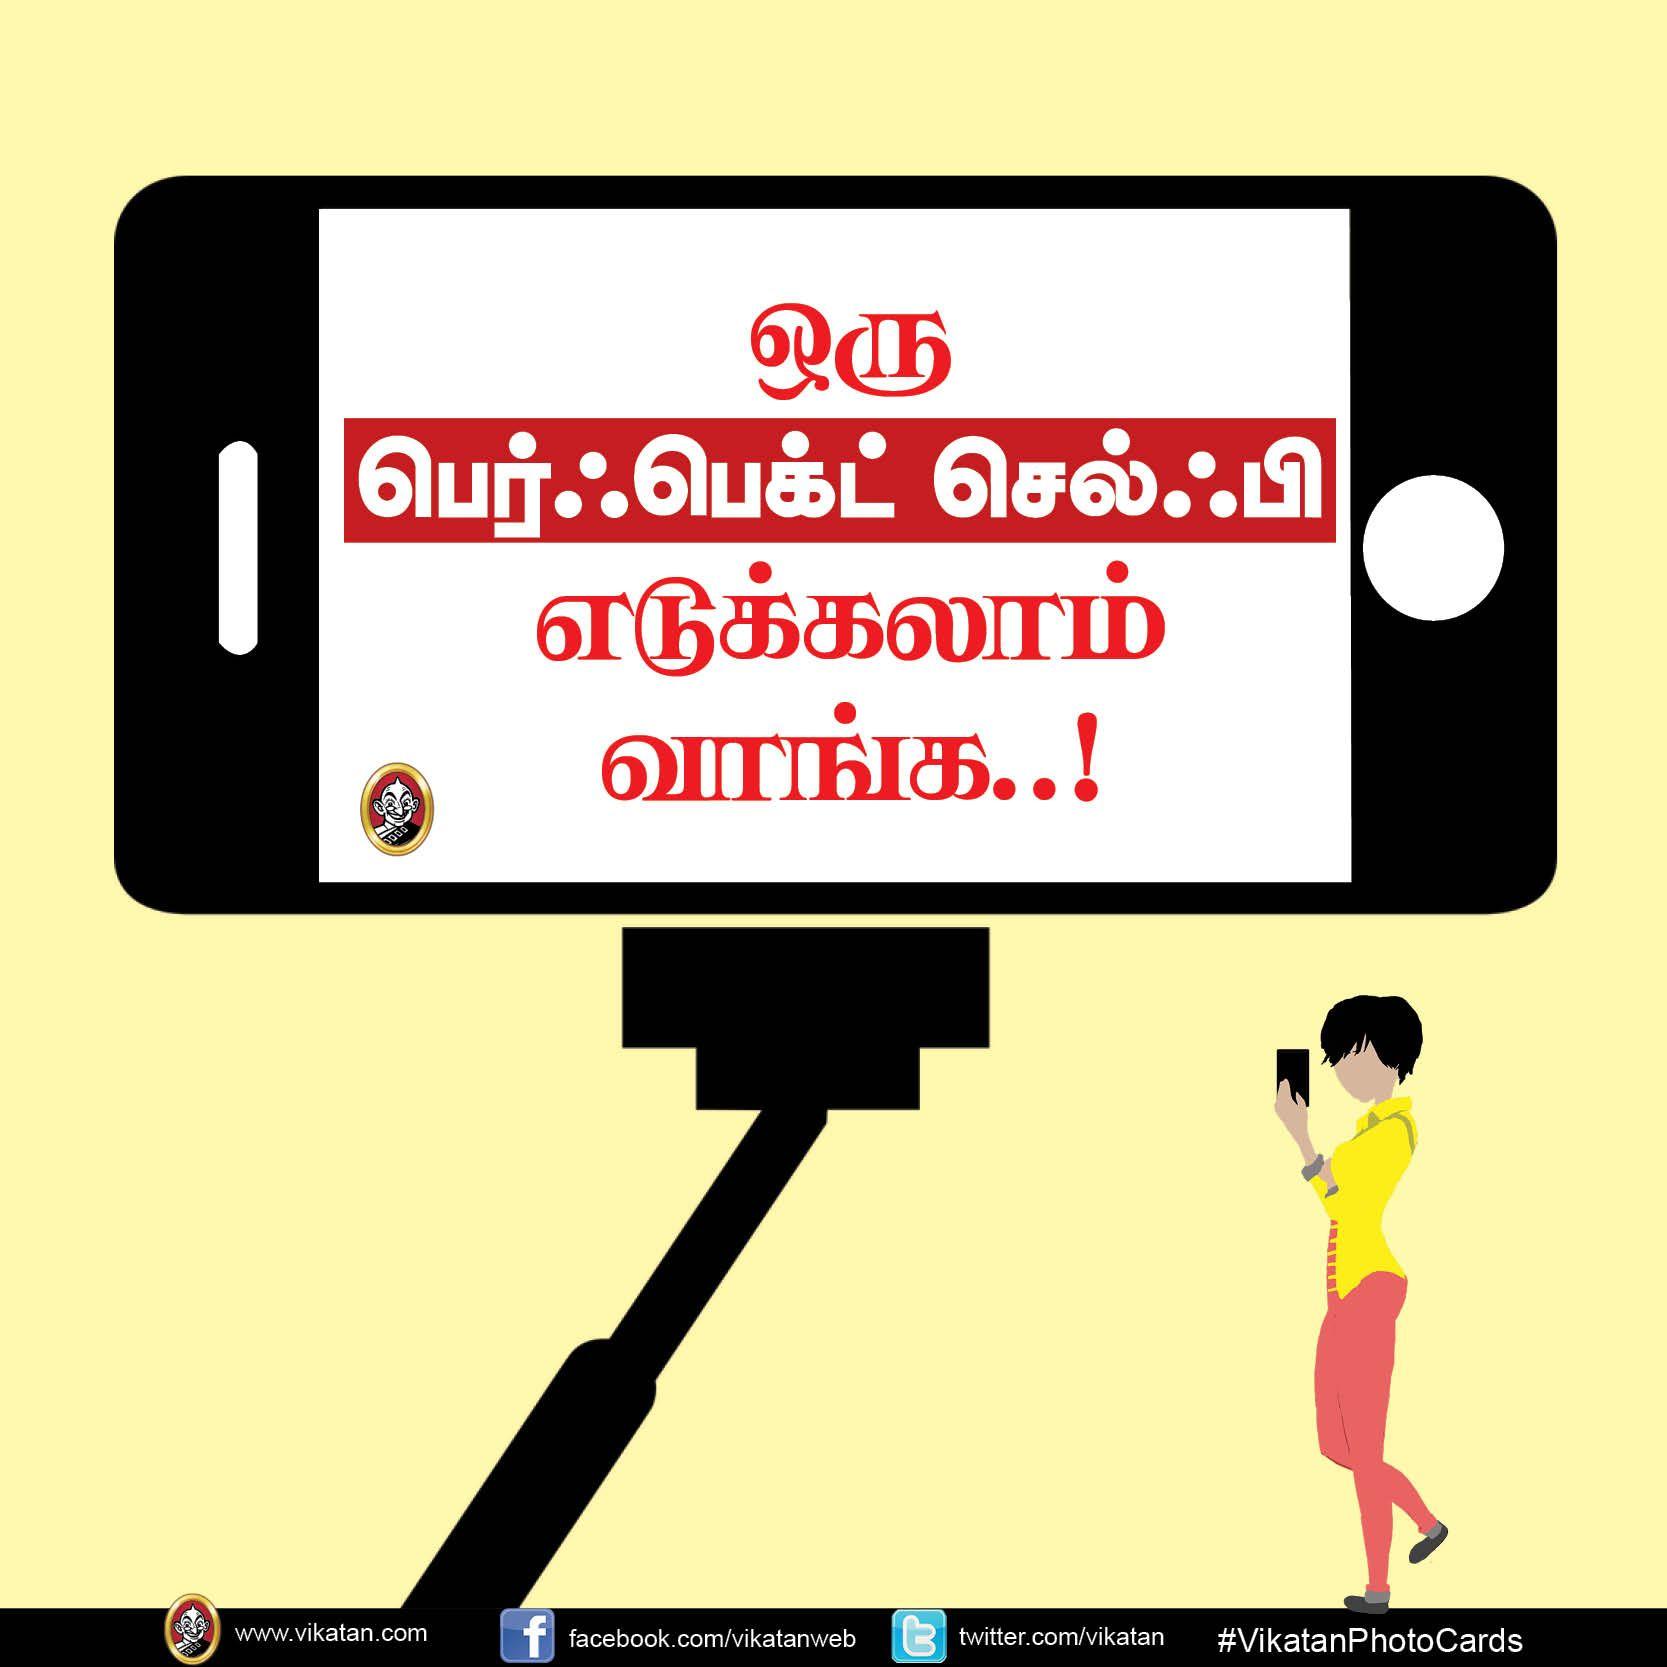 பெர்ஃபெக்ட் செல்ஃபி எடுப்பது எப்படி? #VikatanPhotoCards